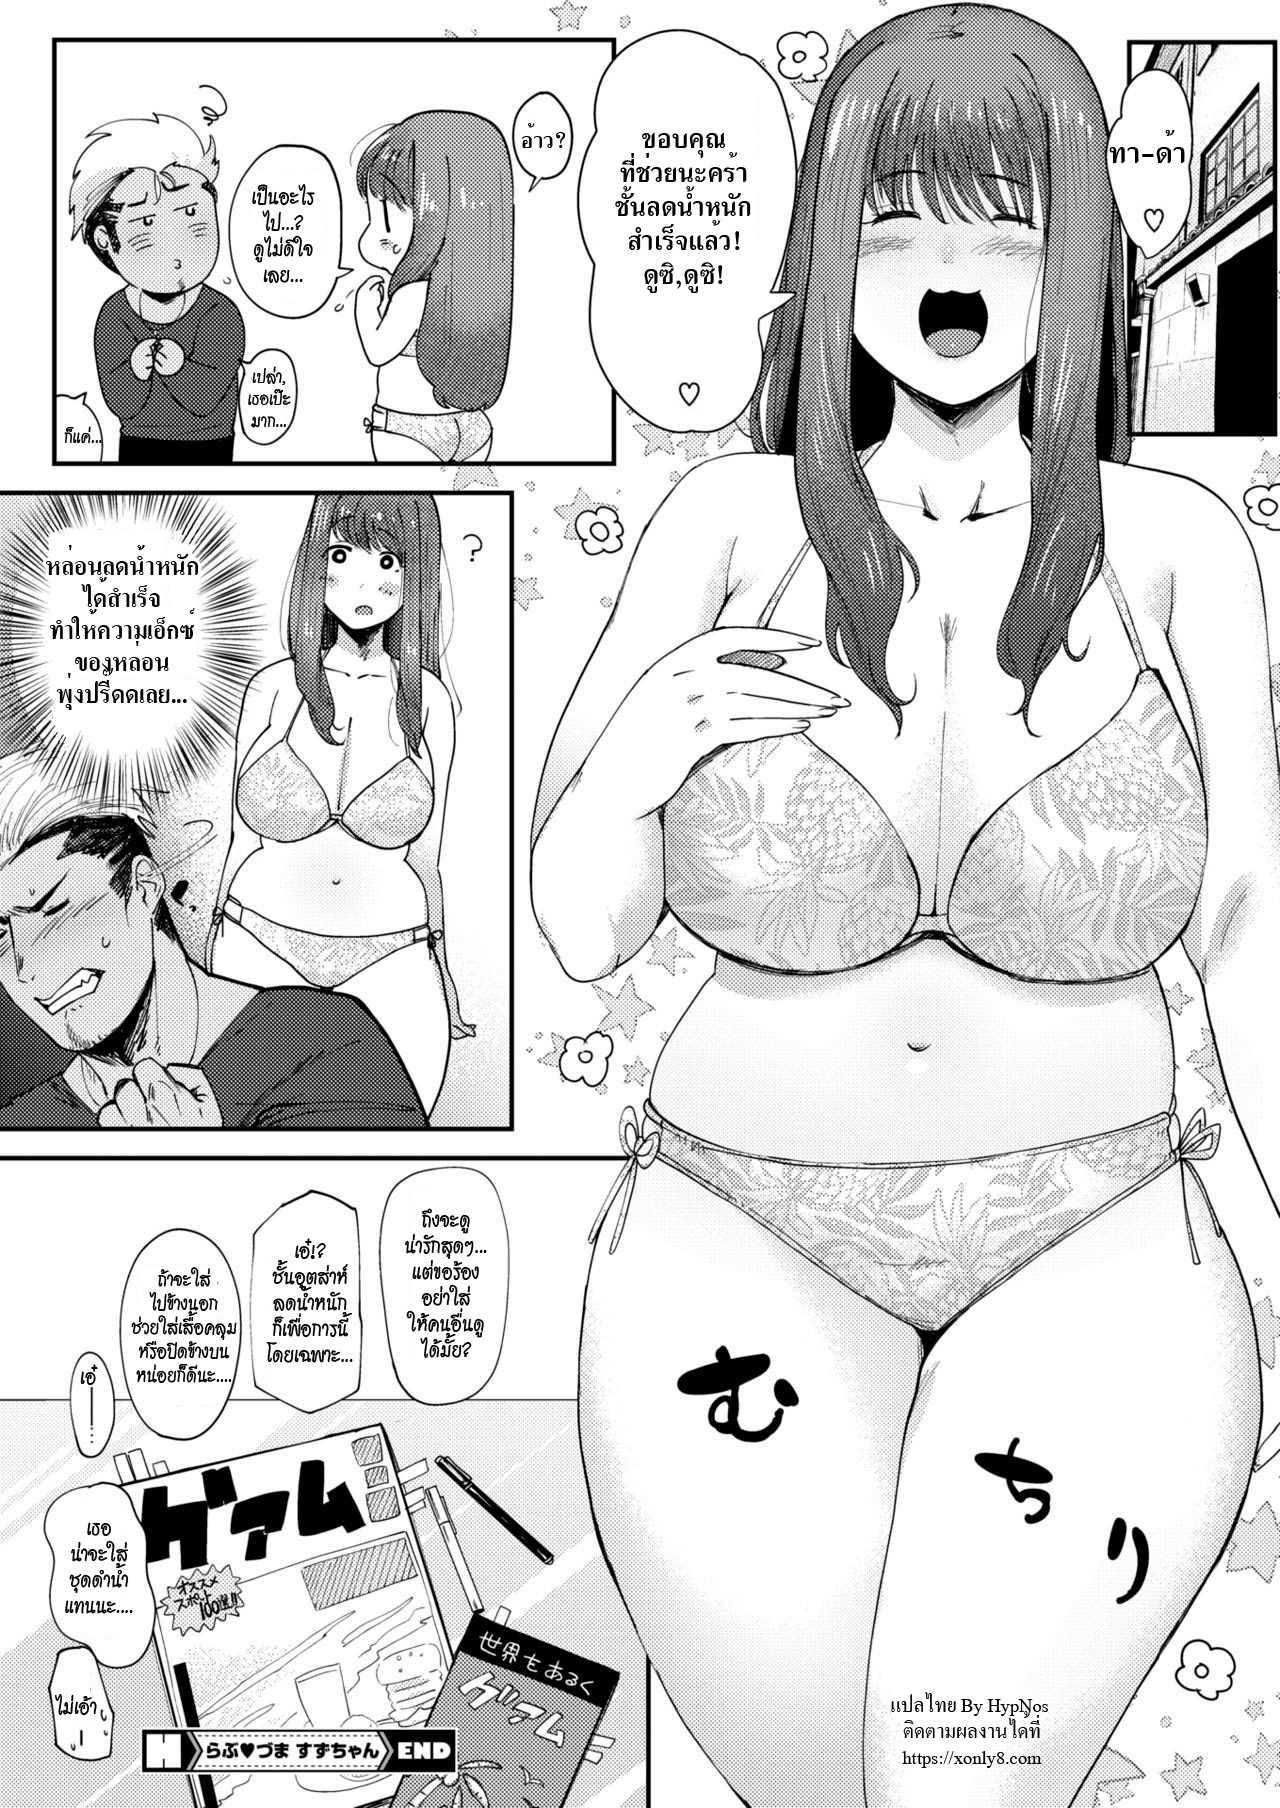 nemu-love-wife-suzu-chan-comic-hotmilk-2018-04